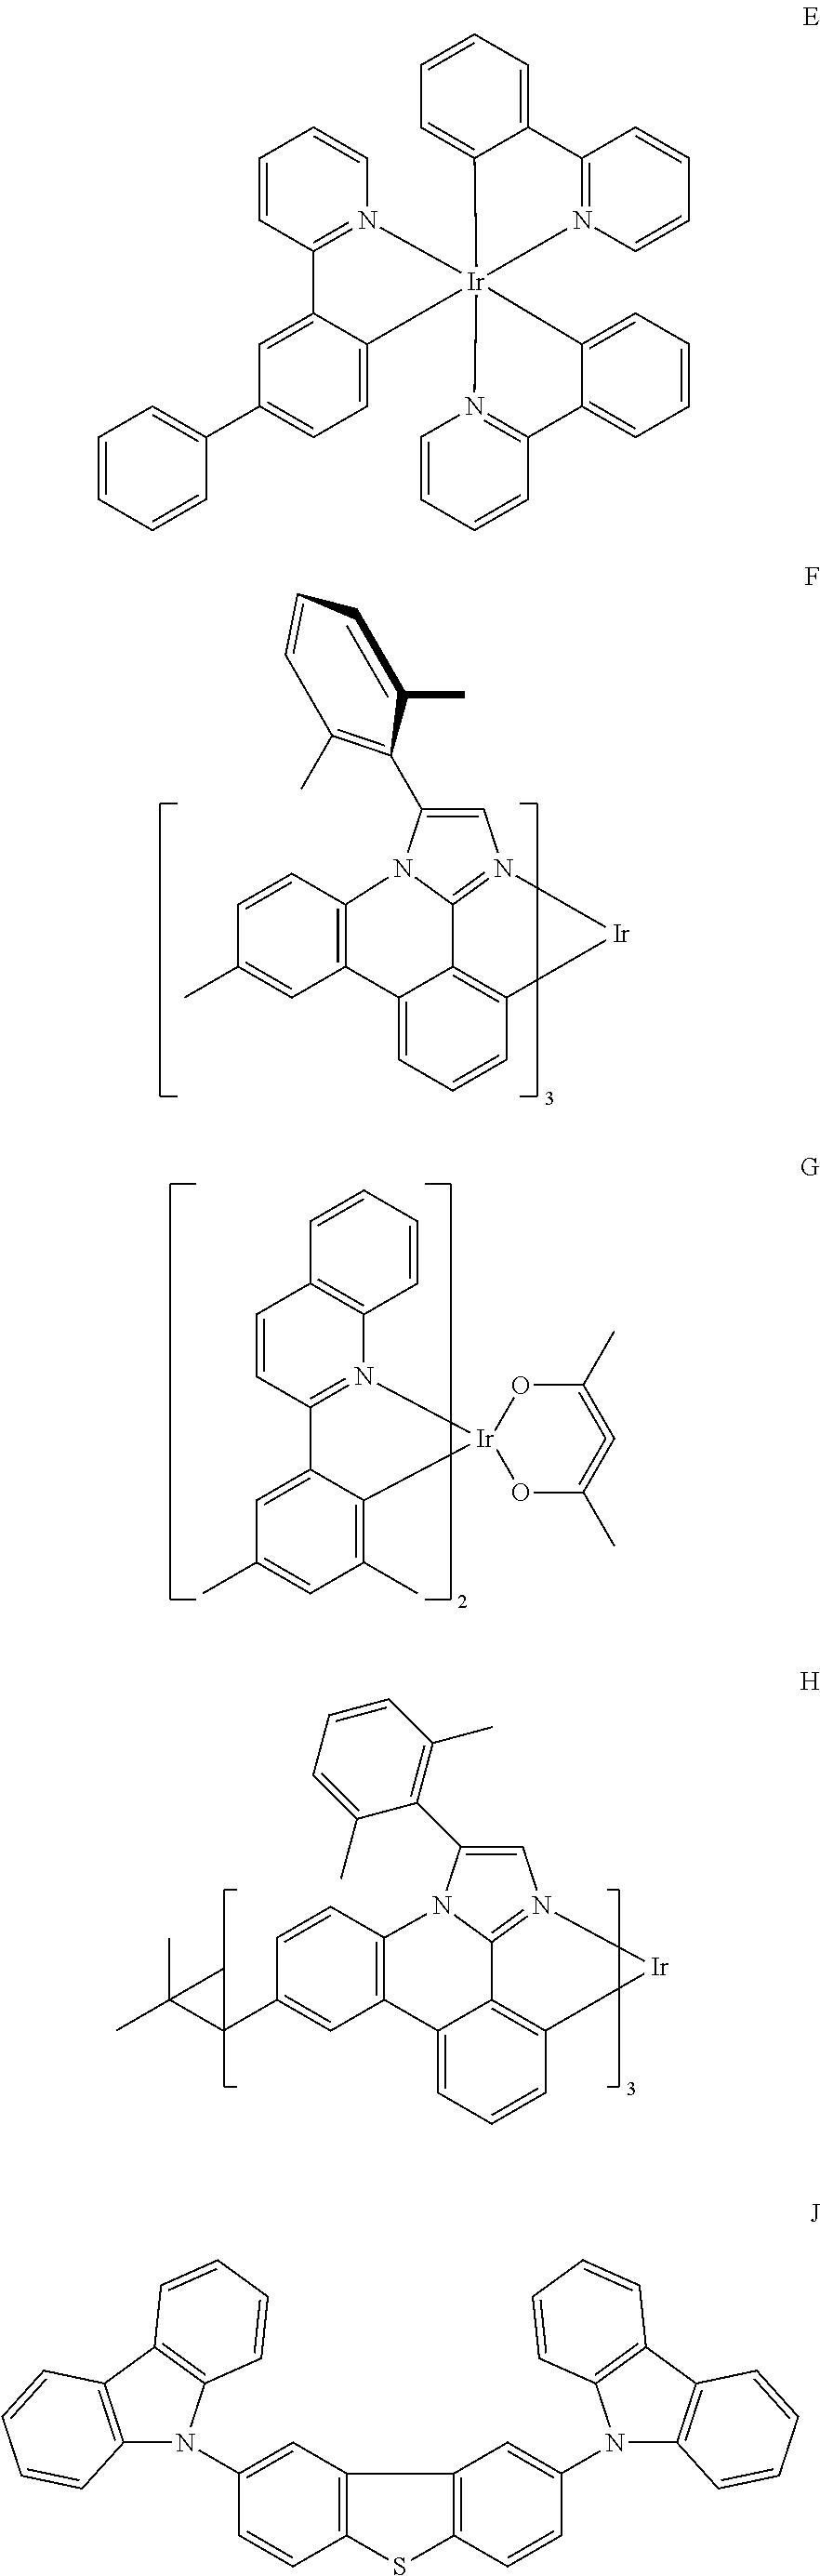 Figure US08866377-20141021-C00003